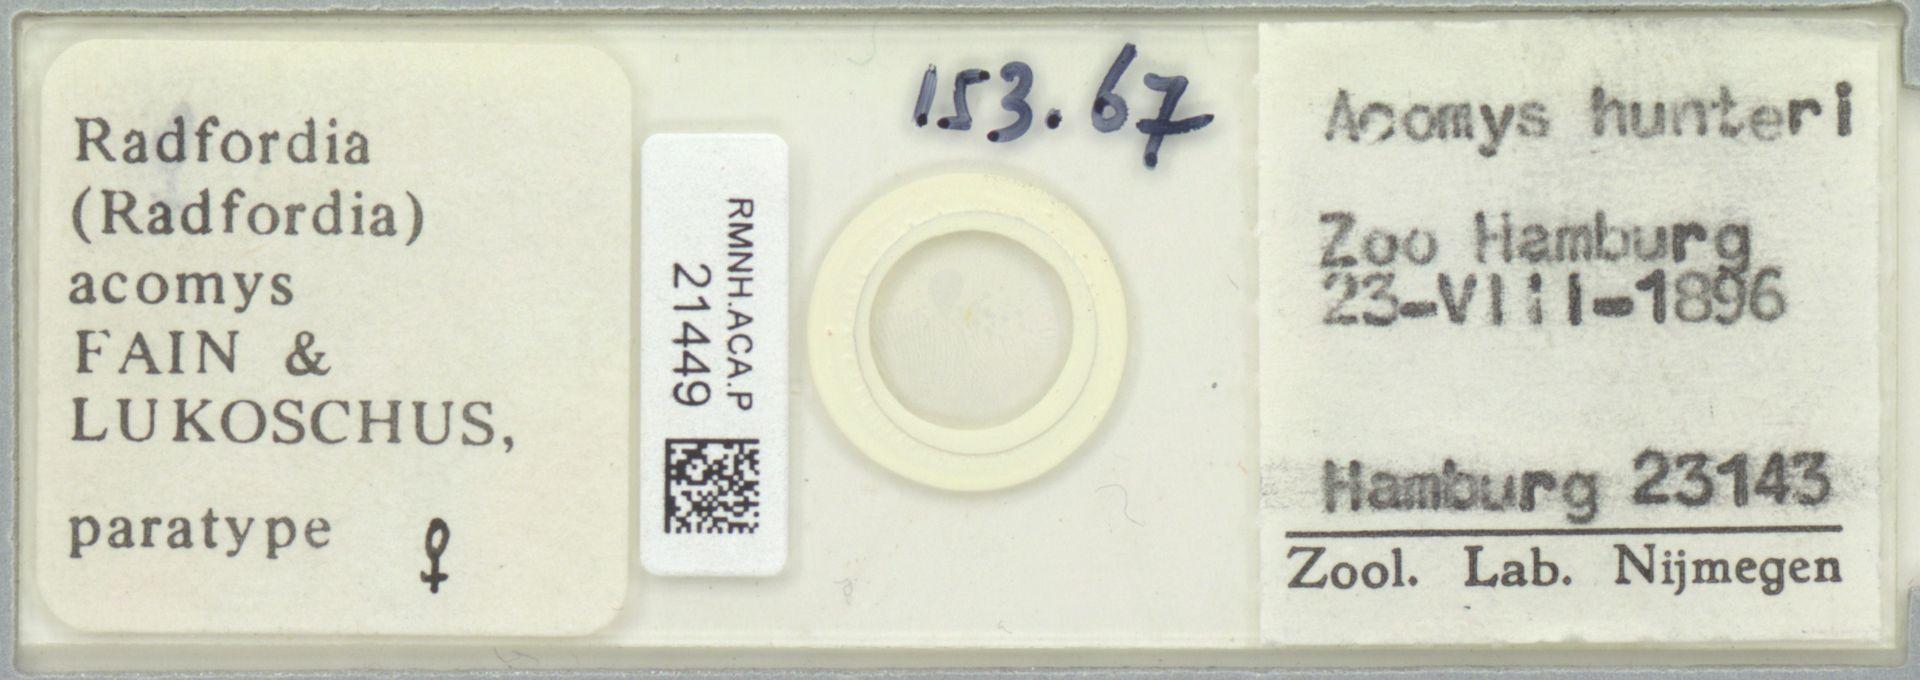 RMNH.ACA.P.21449 | Radfordia (Radfordia) acomys Fain & Lukoschus